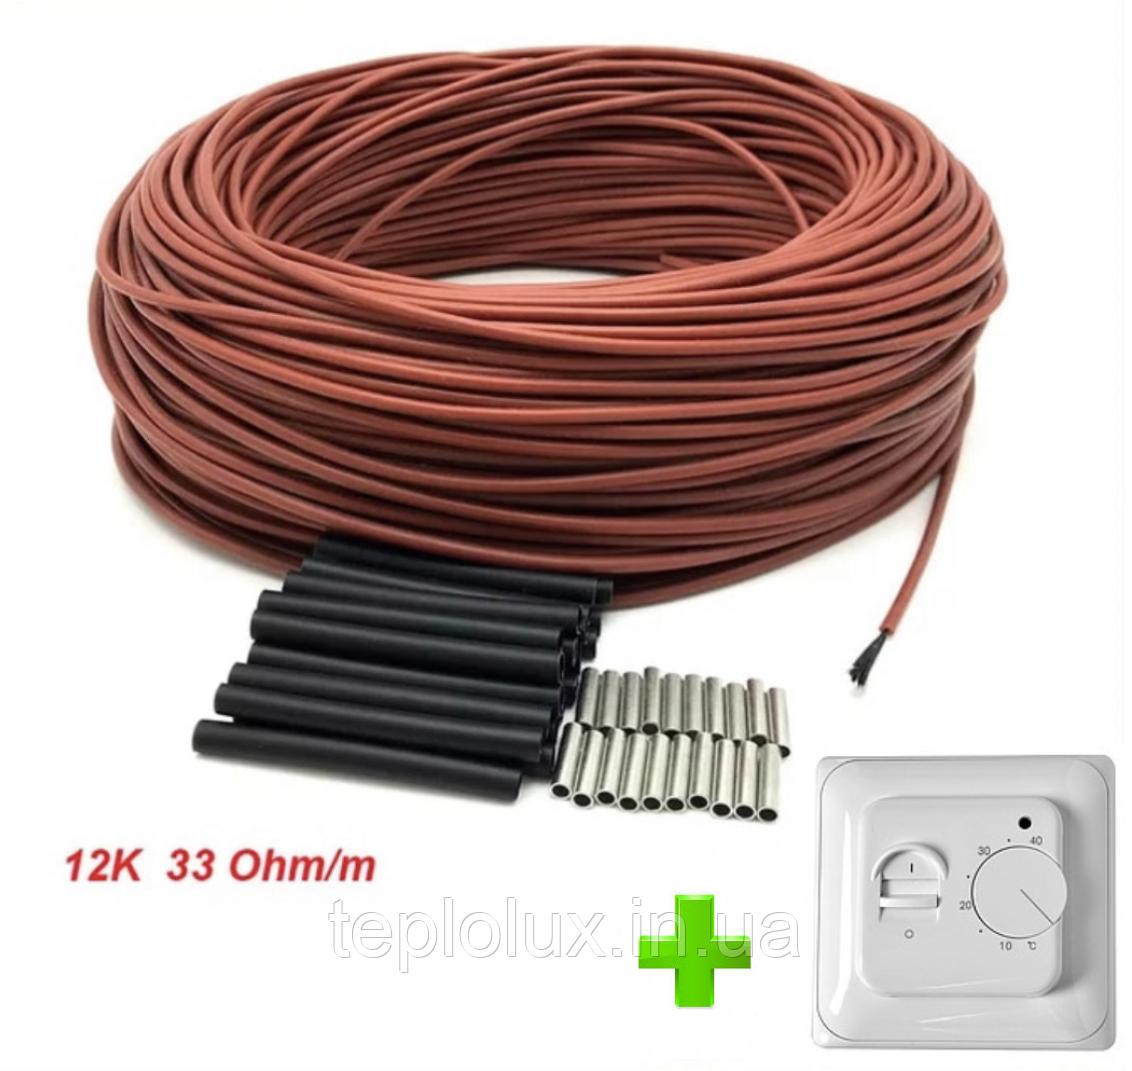 7м2. Комплект для теплої підлоги з нагрівального карбонового кабелю 33 ом/м 12К (70 метров) з терморегулятором